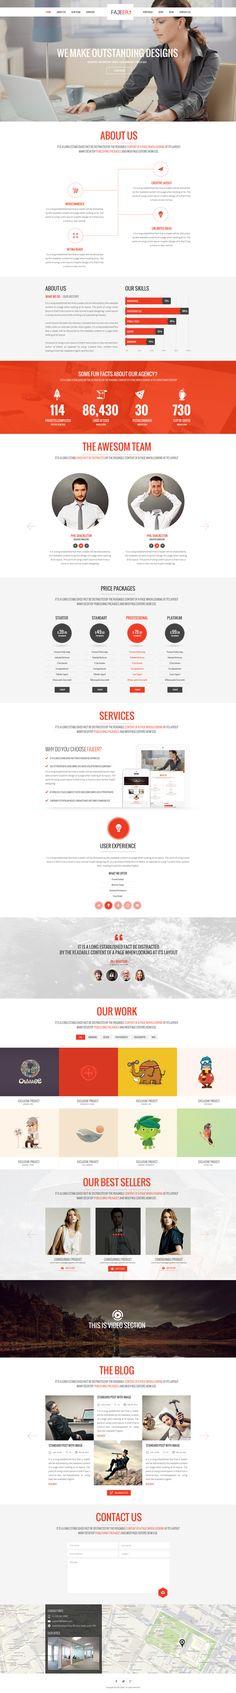 Fajeer on Web Design Served